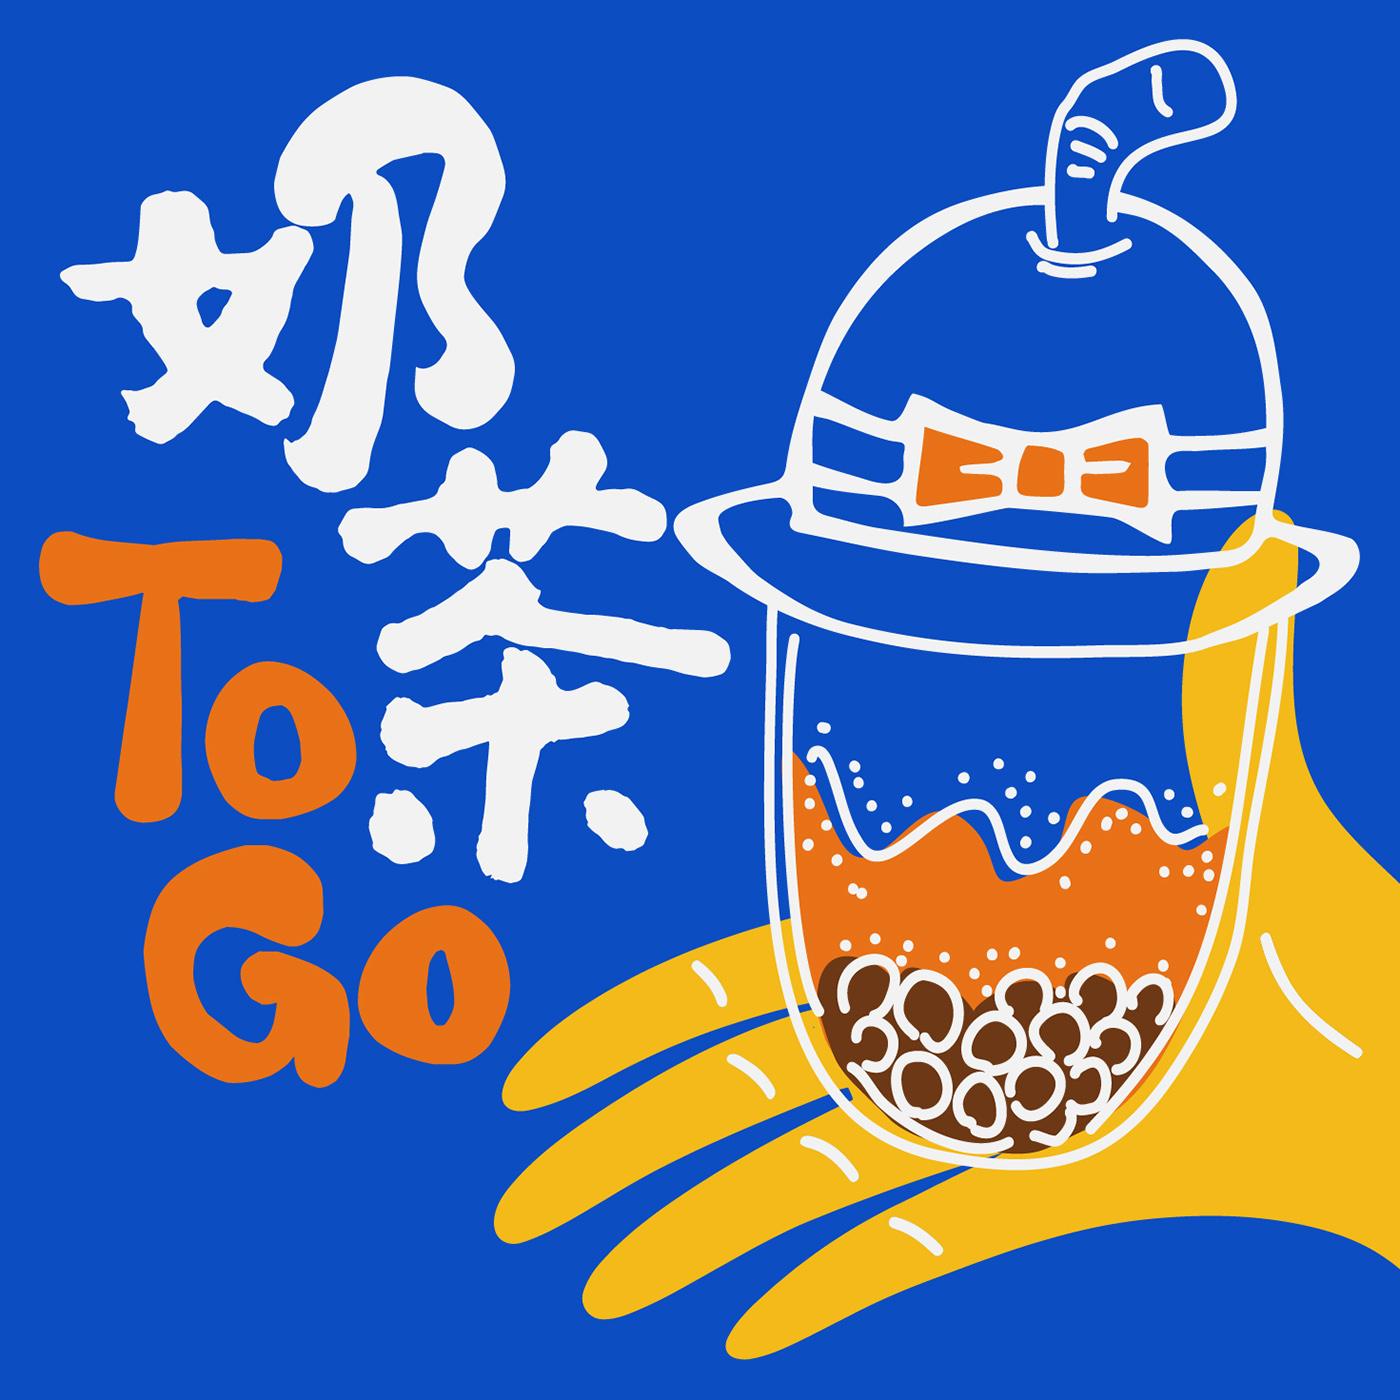 奶茶TO GO~浪漫飛行與悠遊旅行的想像~